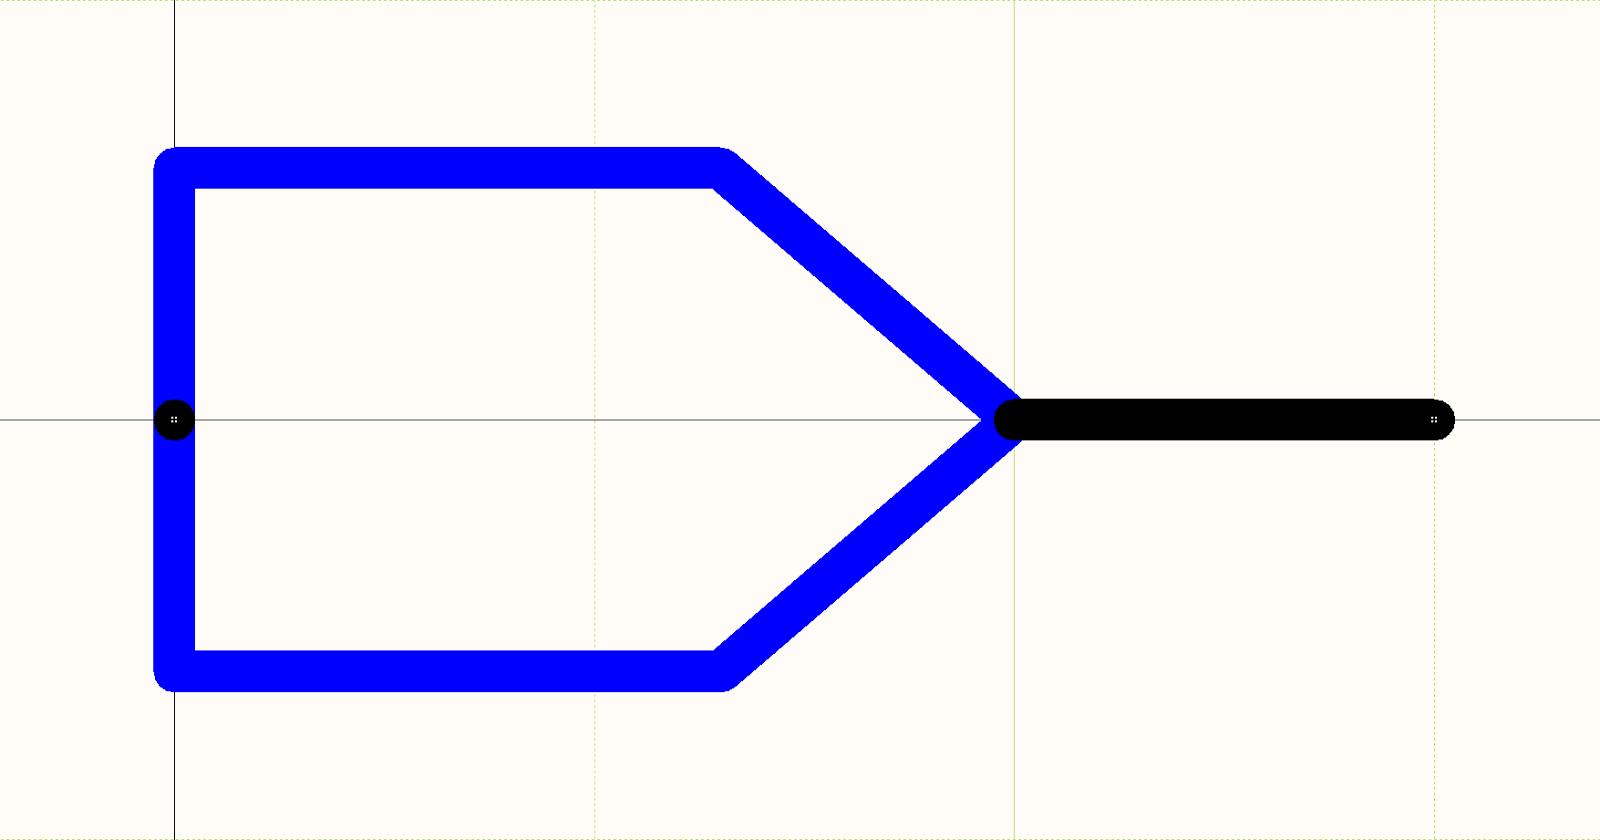 Figure 1. Modélisation de circuit imprimé : Symbole schématique d'une broche.